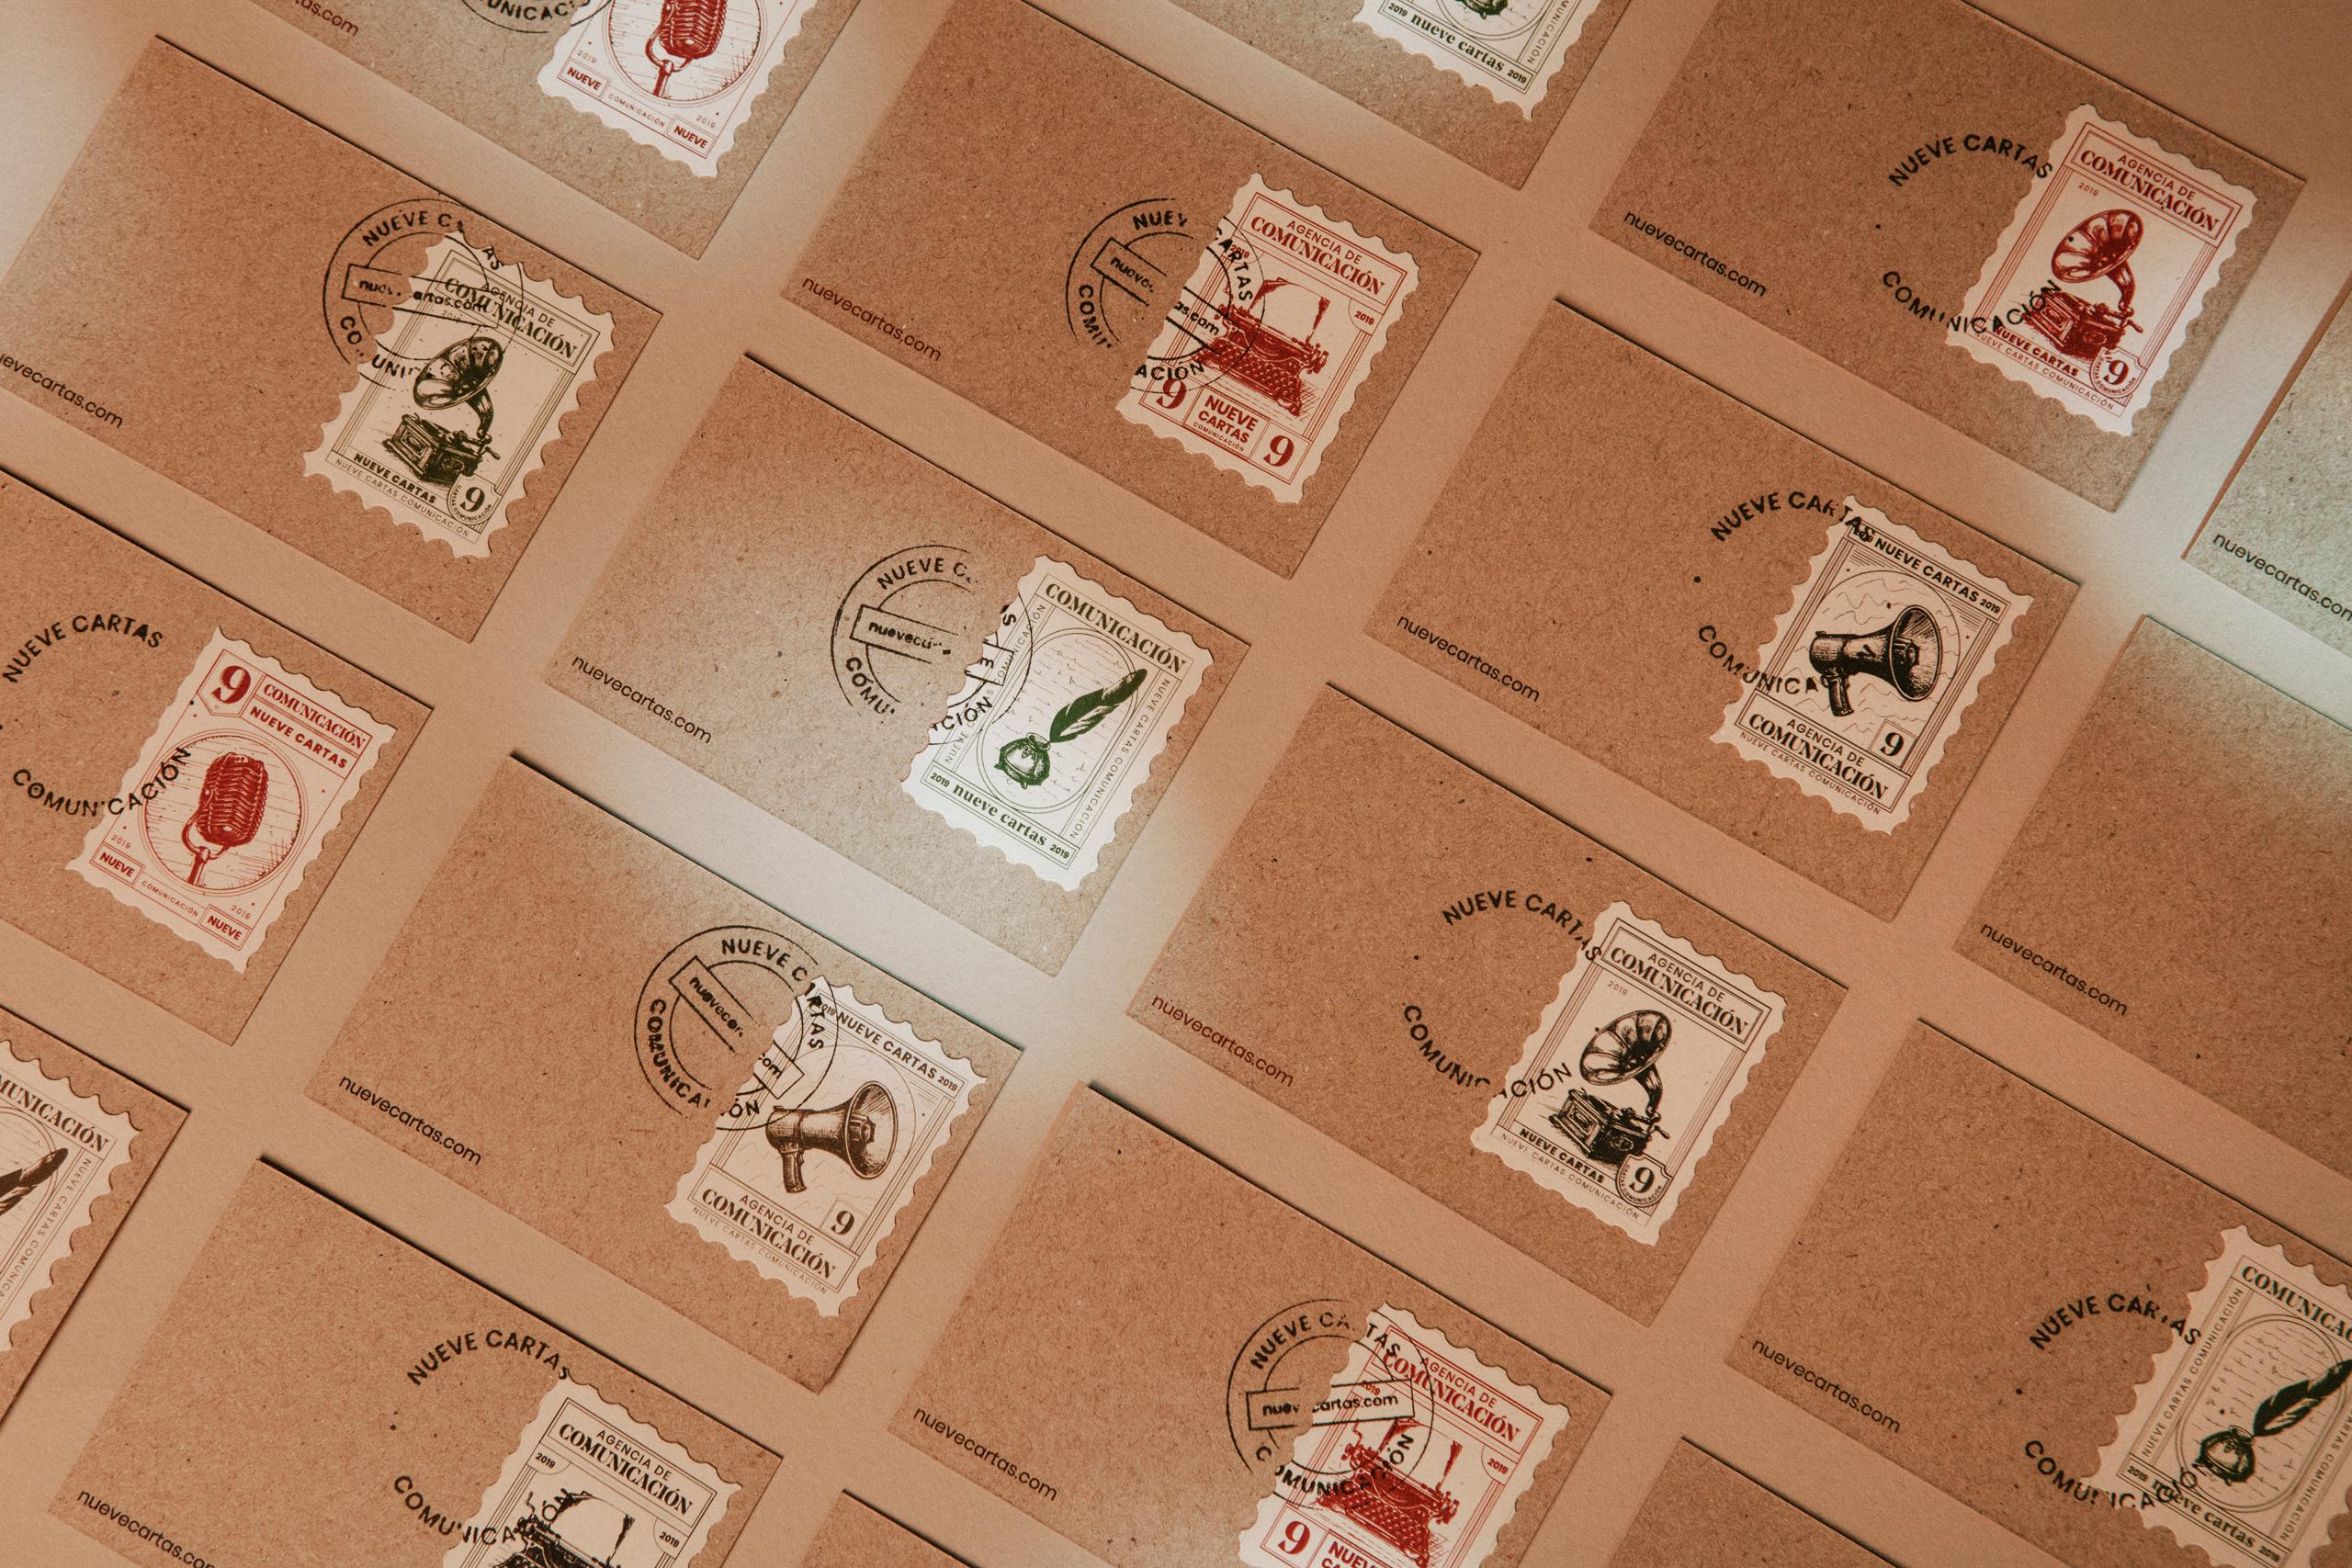 Nueve cartas by silencio - Creative Work - $i